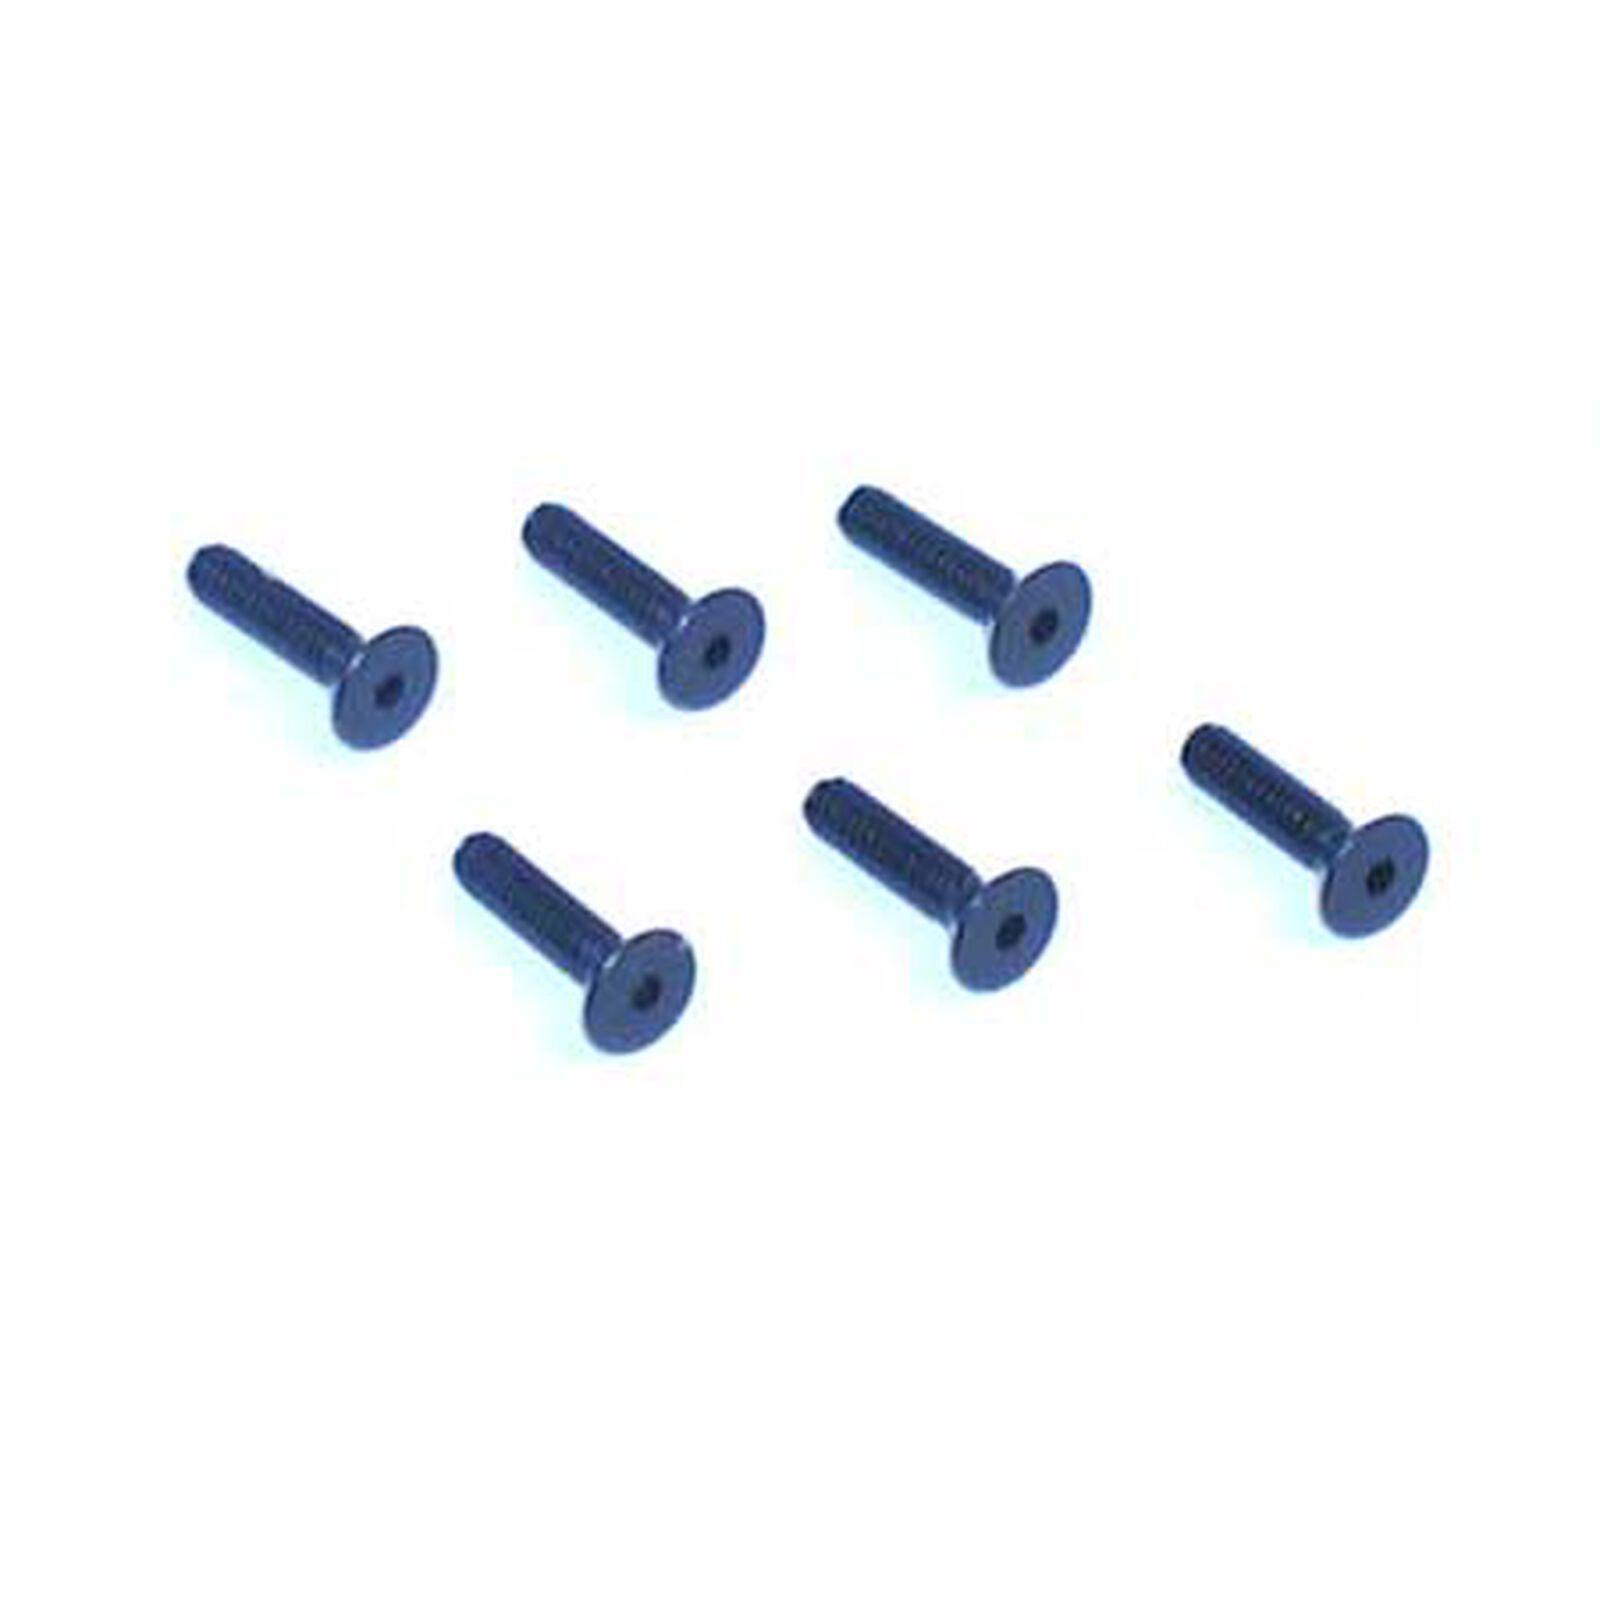 """Flat head Screws, 4-40 x 1/2"""" (6)"""